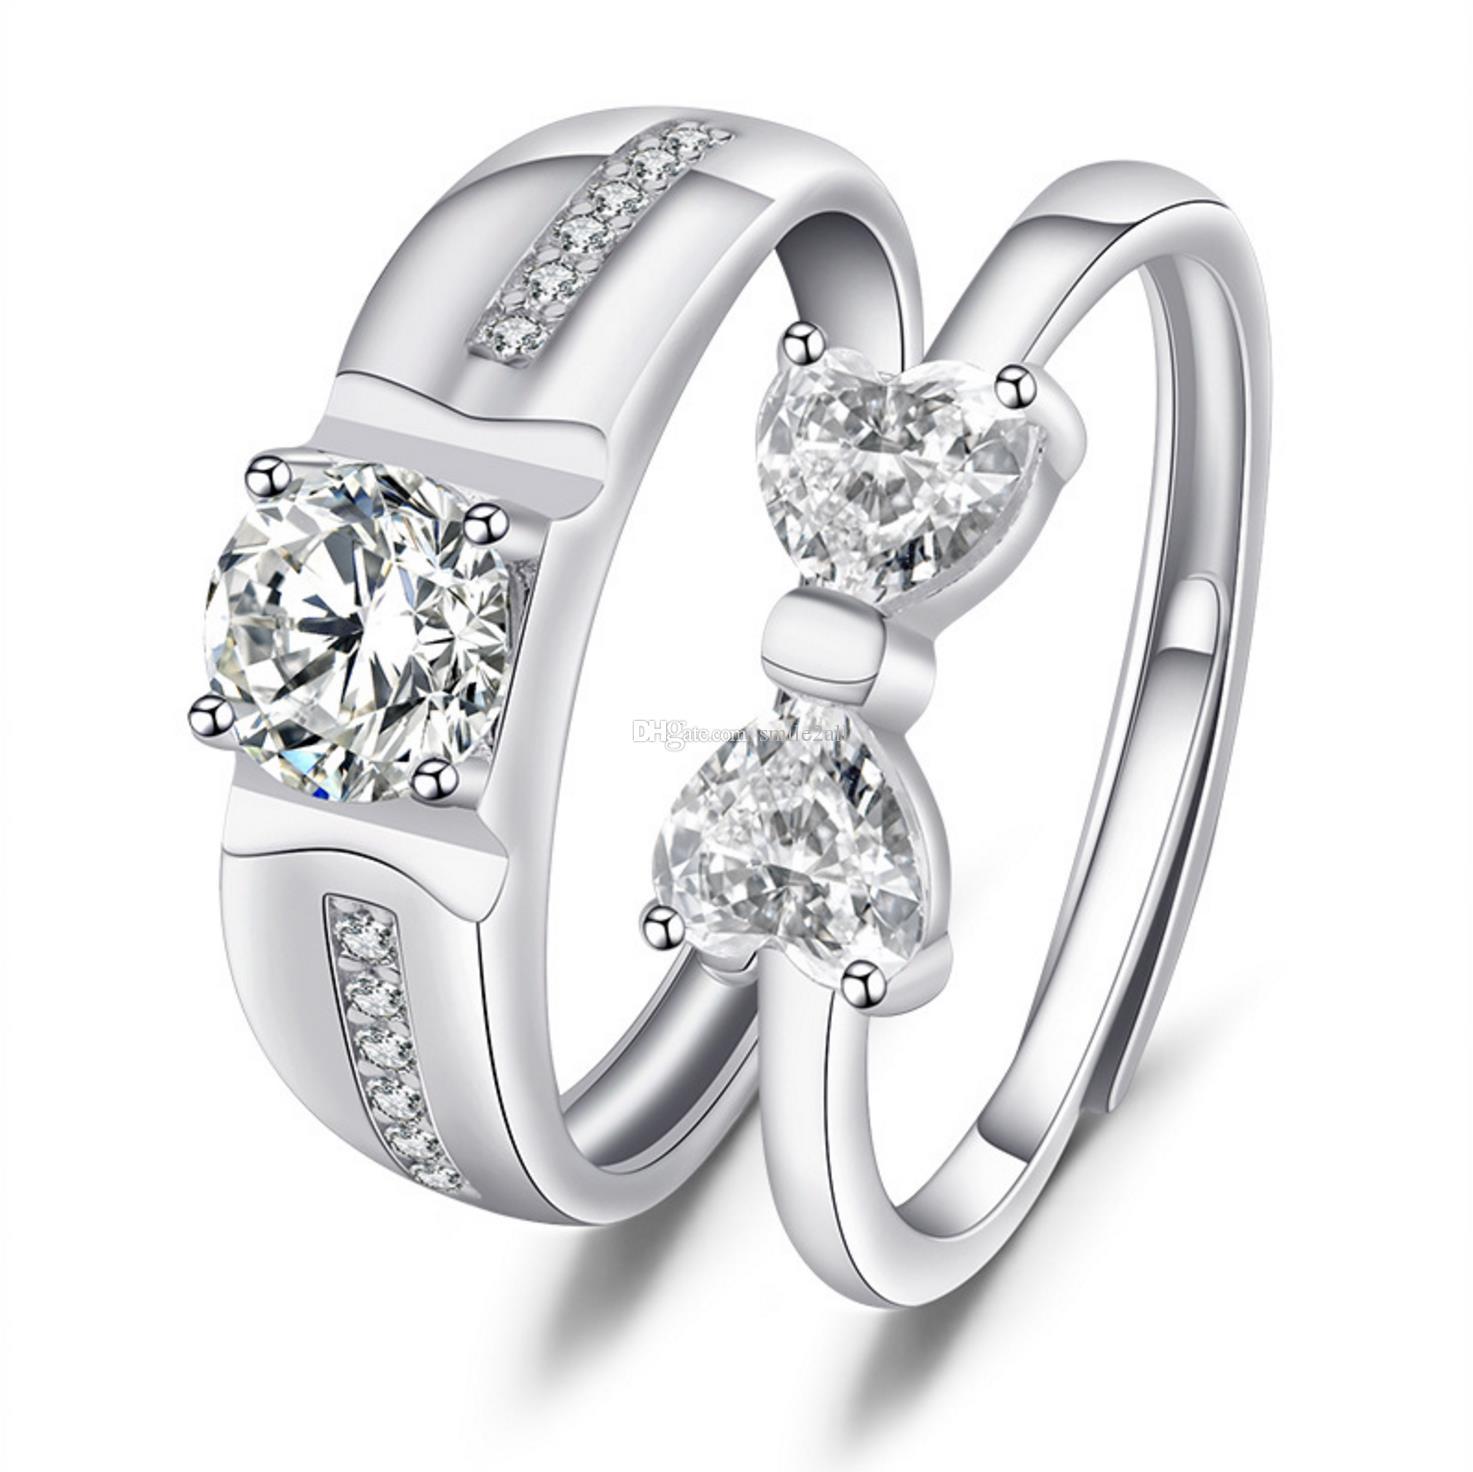 Beyaz Kopya Diamond ve 925 Saf Gümüş Lover Çift Yüzük Severler İçin Ayarlanabilir Açık Ağız Bowknot şeklindeki